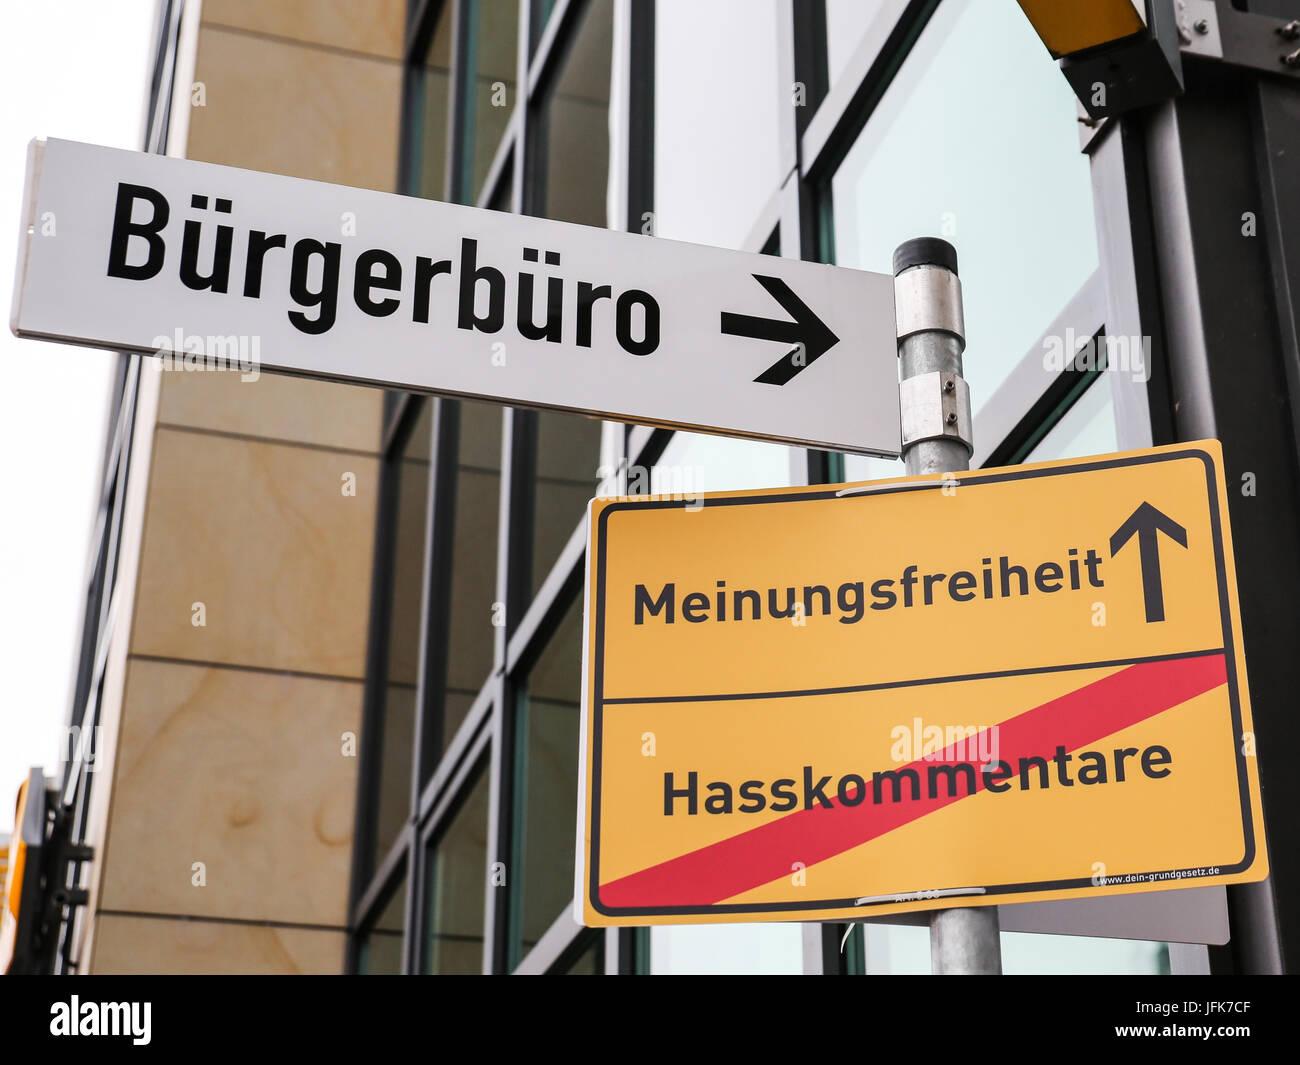 - Hasskommentare,Meinungsfreiheit Bürgerbüro Photo Stock